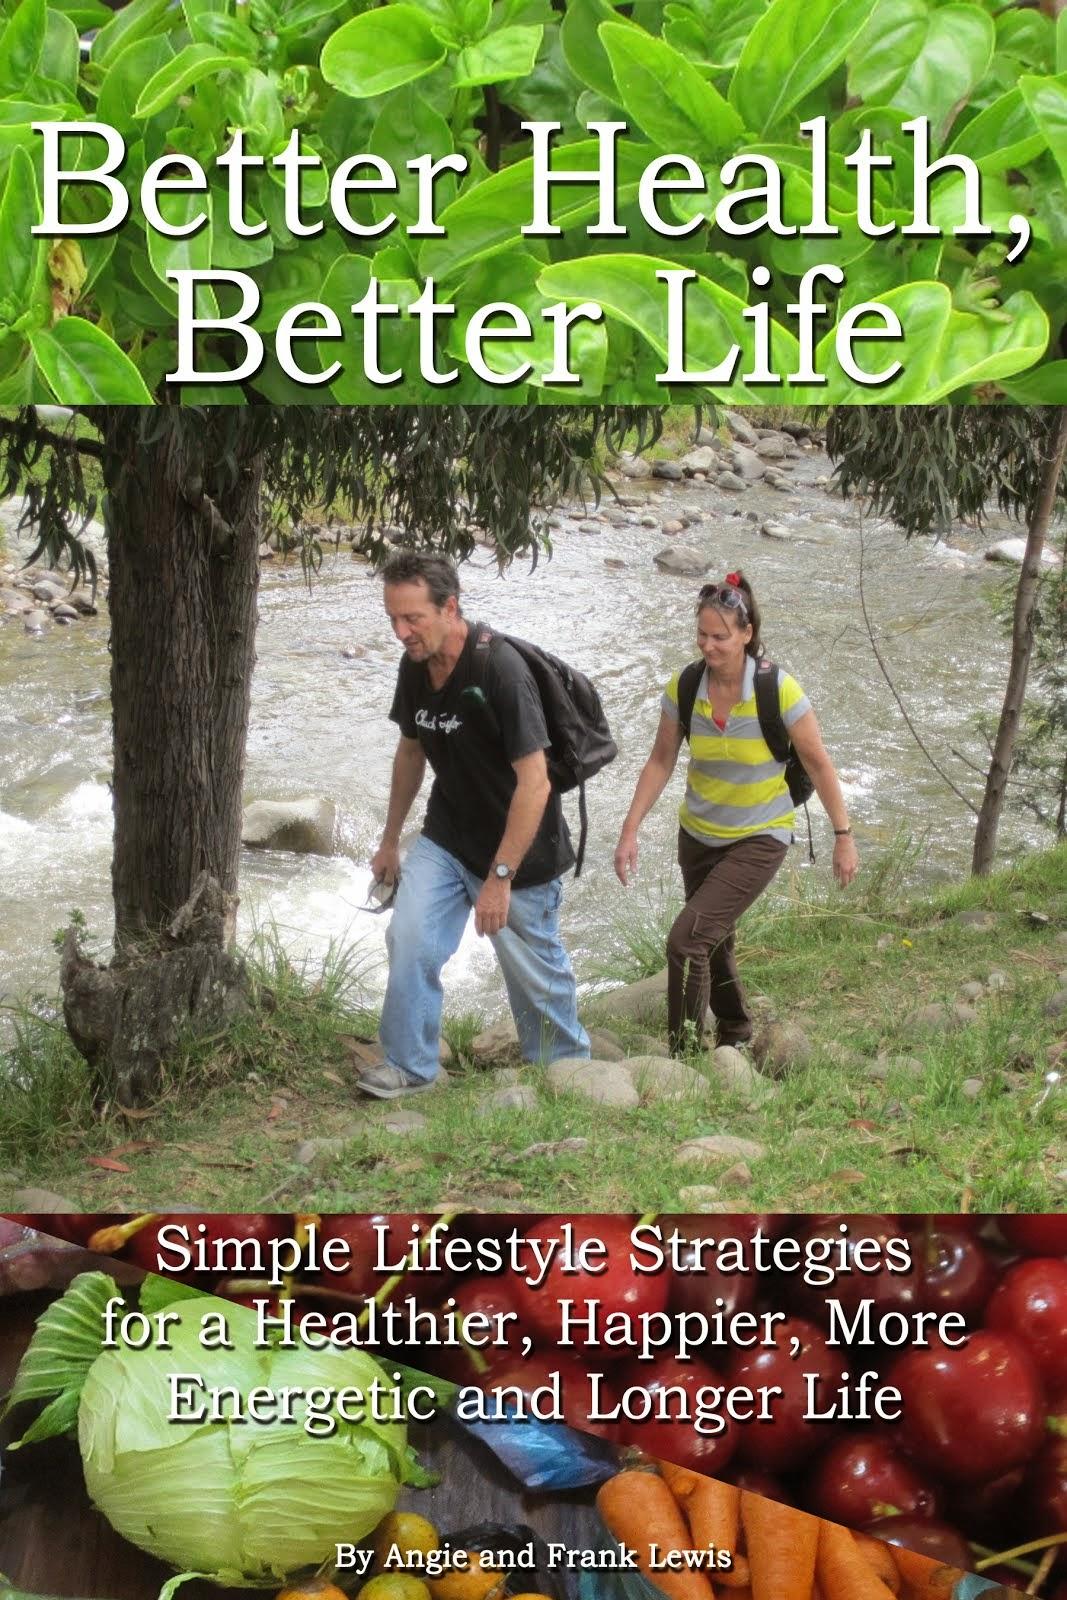 Better Health, Better Life!